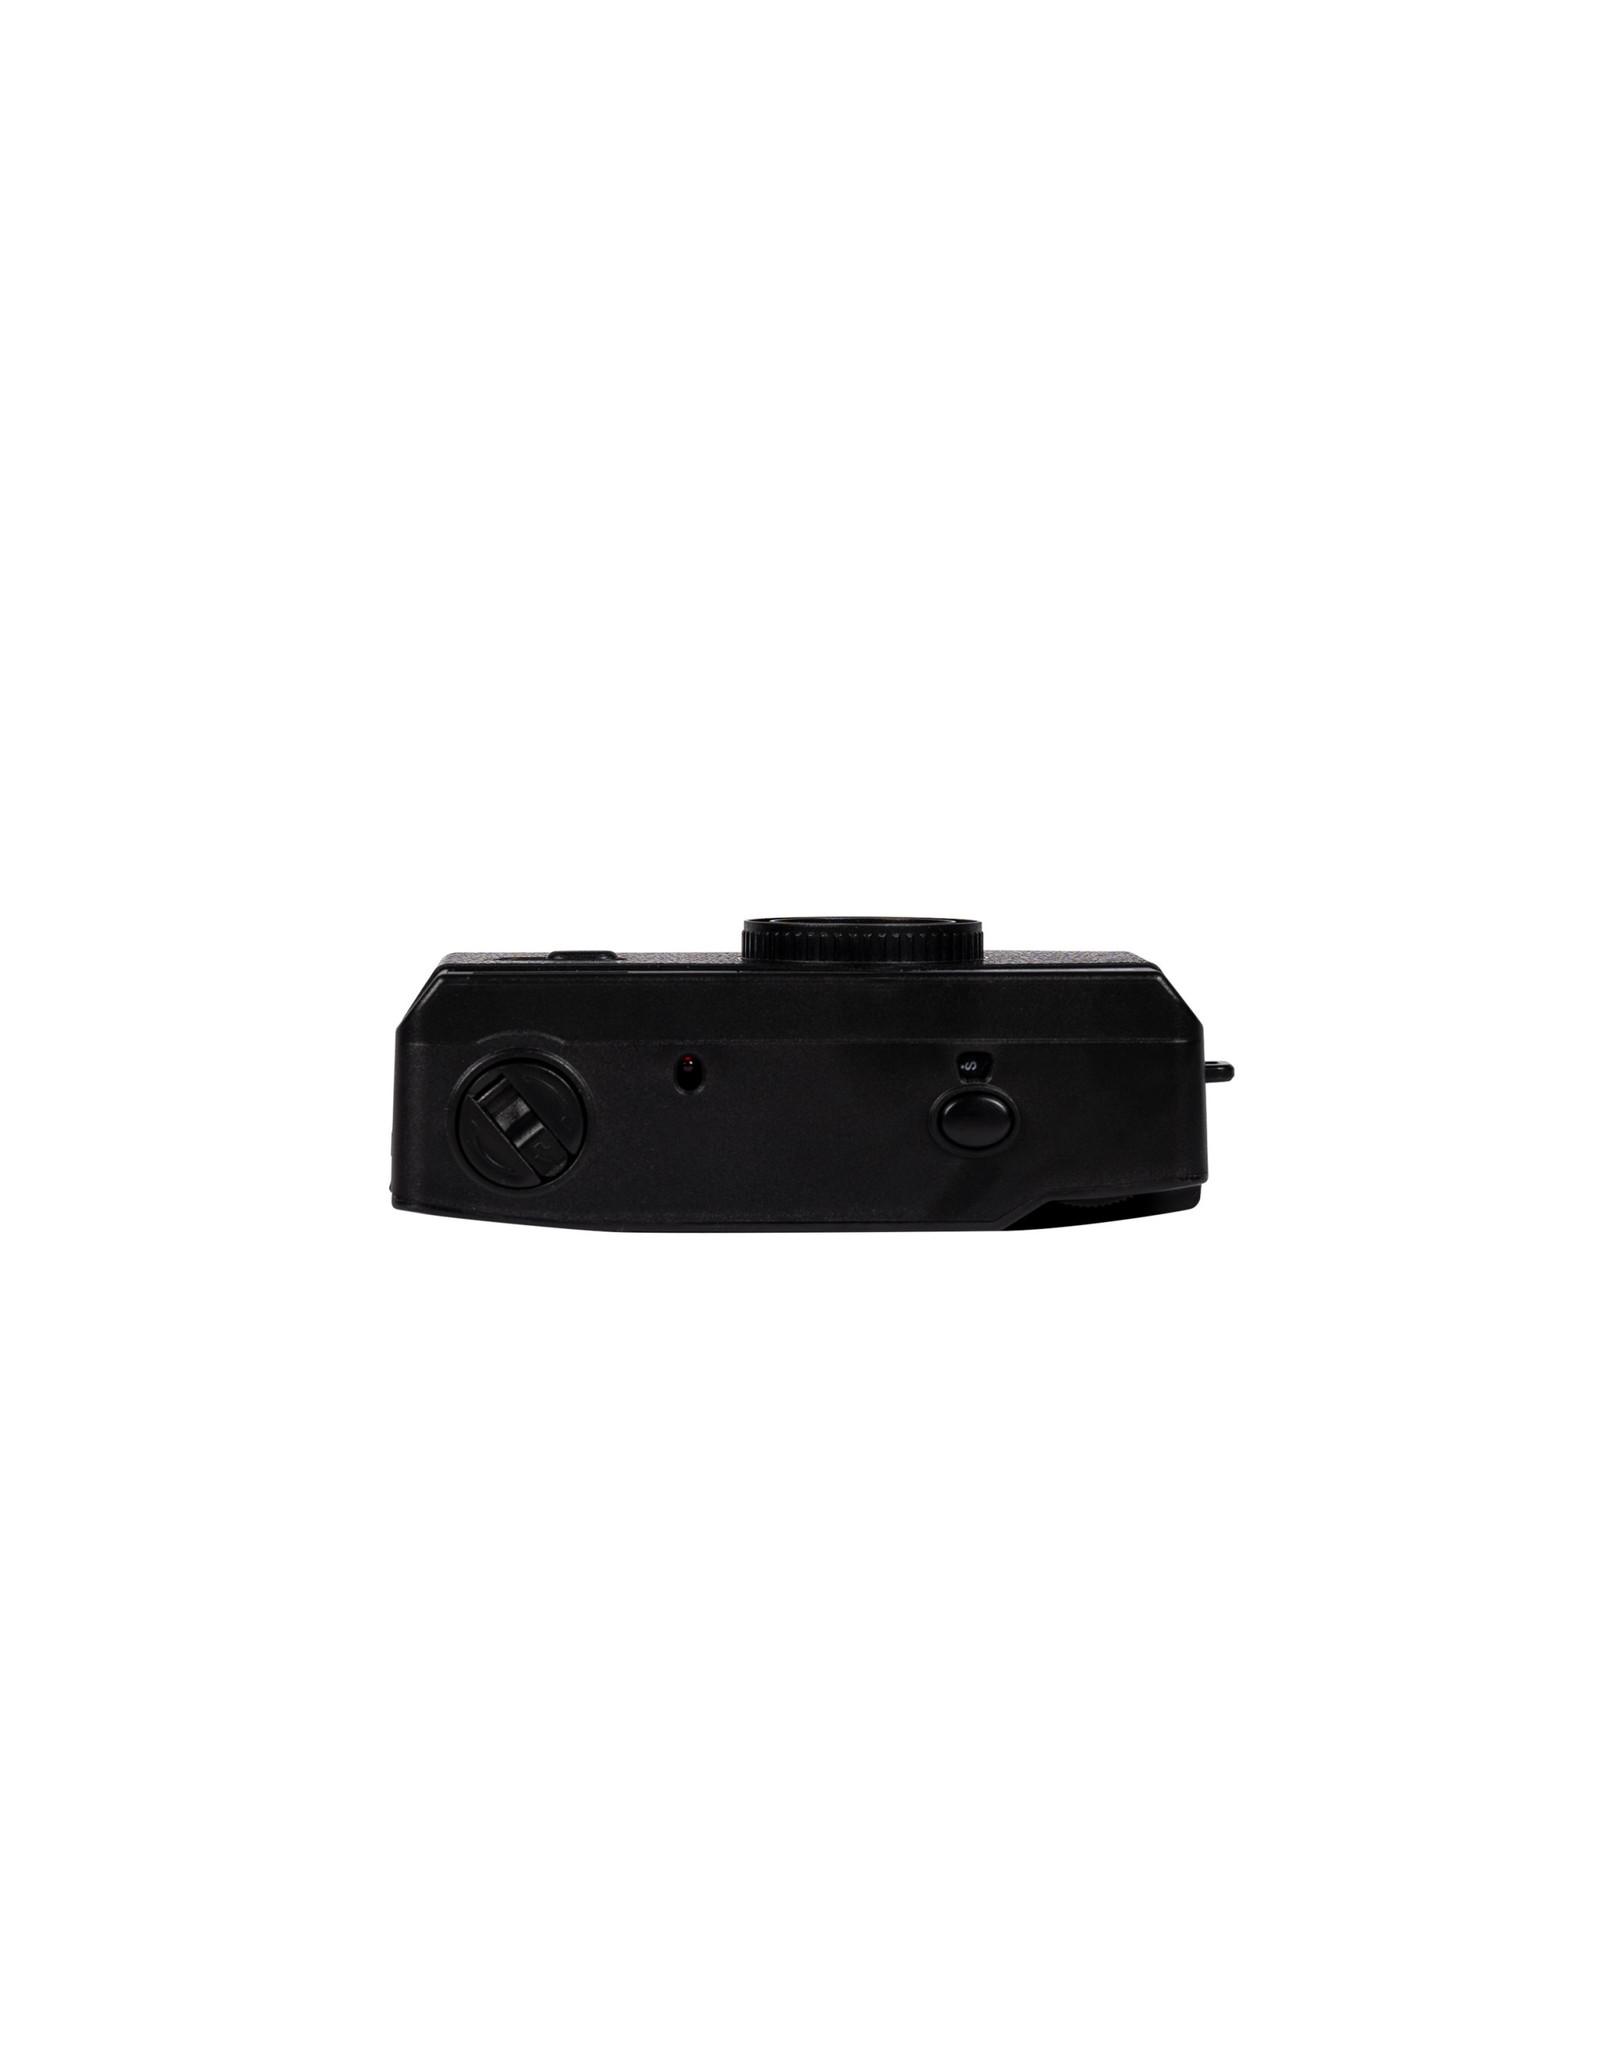 ILFORD Sprite 35-II Camera (Black)